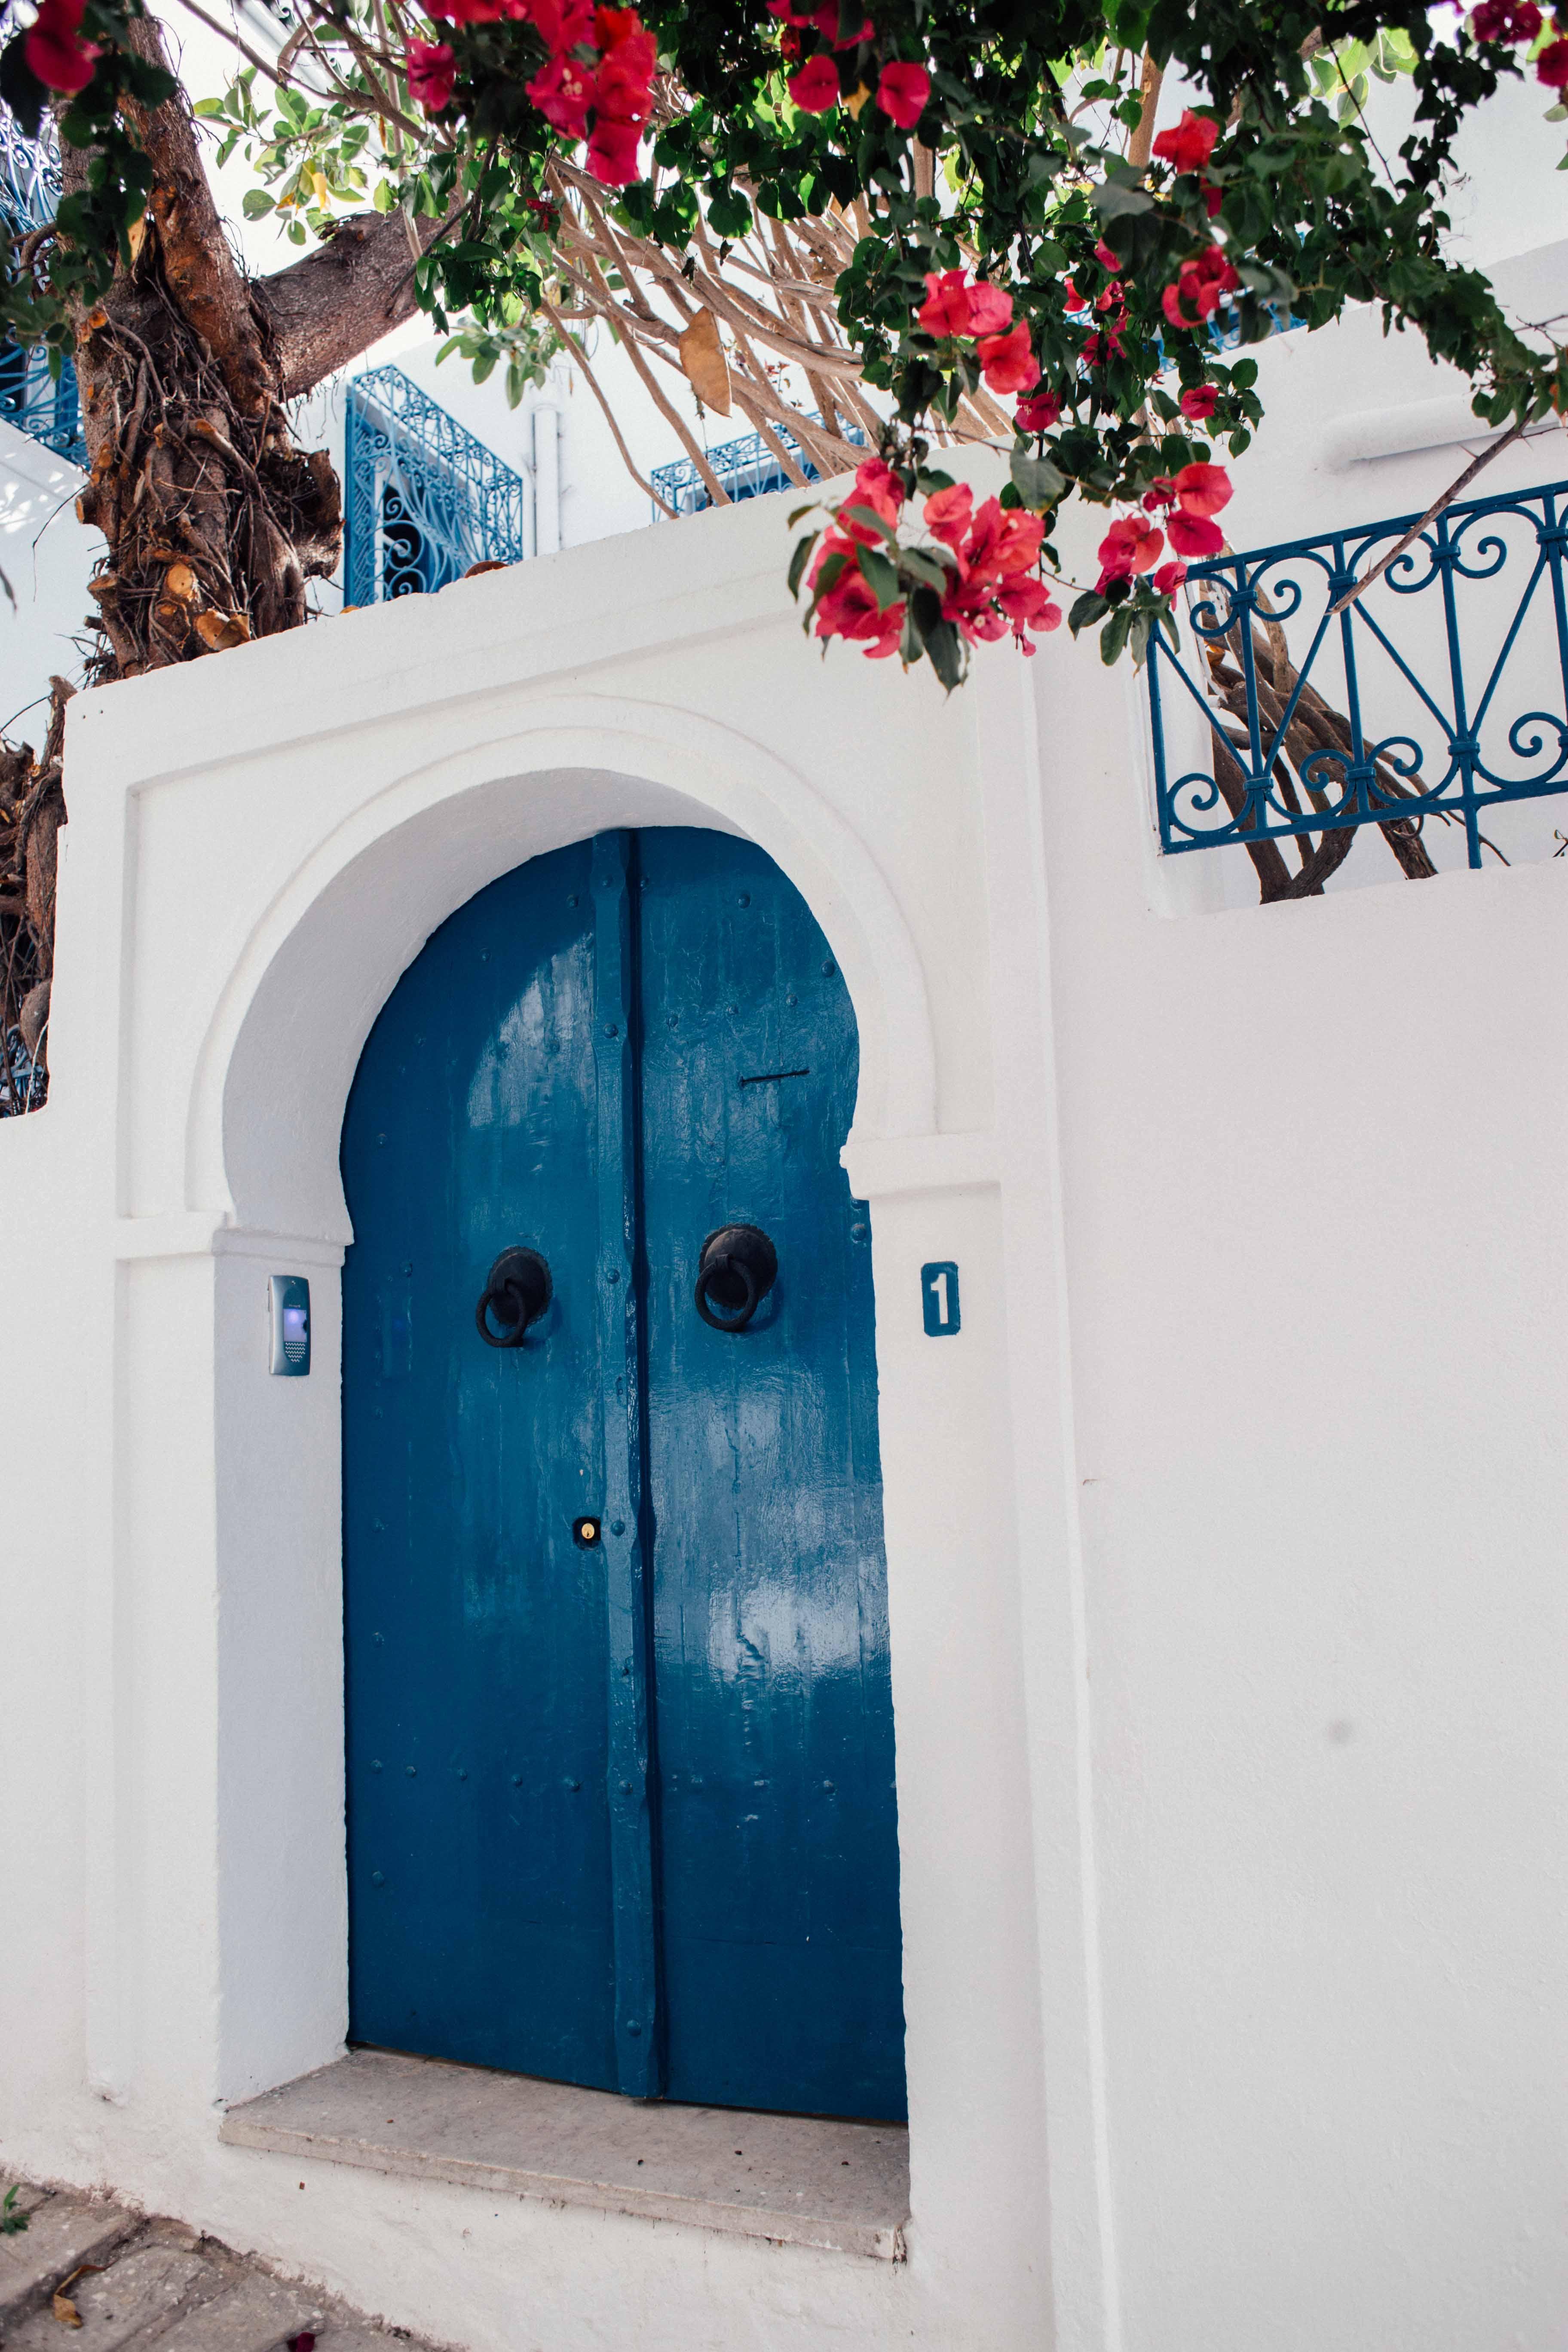 lucie_sassiat-engagement-tunisie-sidi_bou_said-leblogdemadamec.fr-3